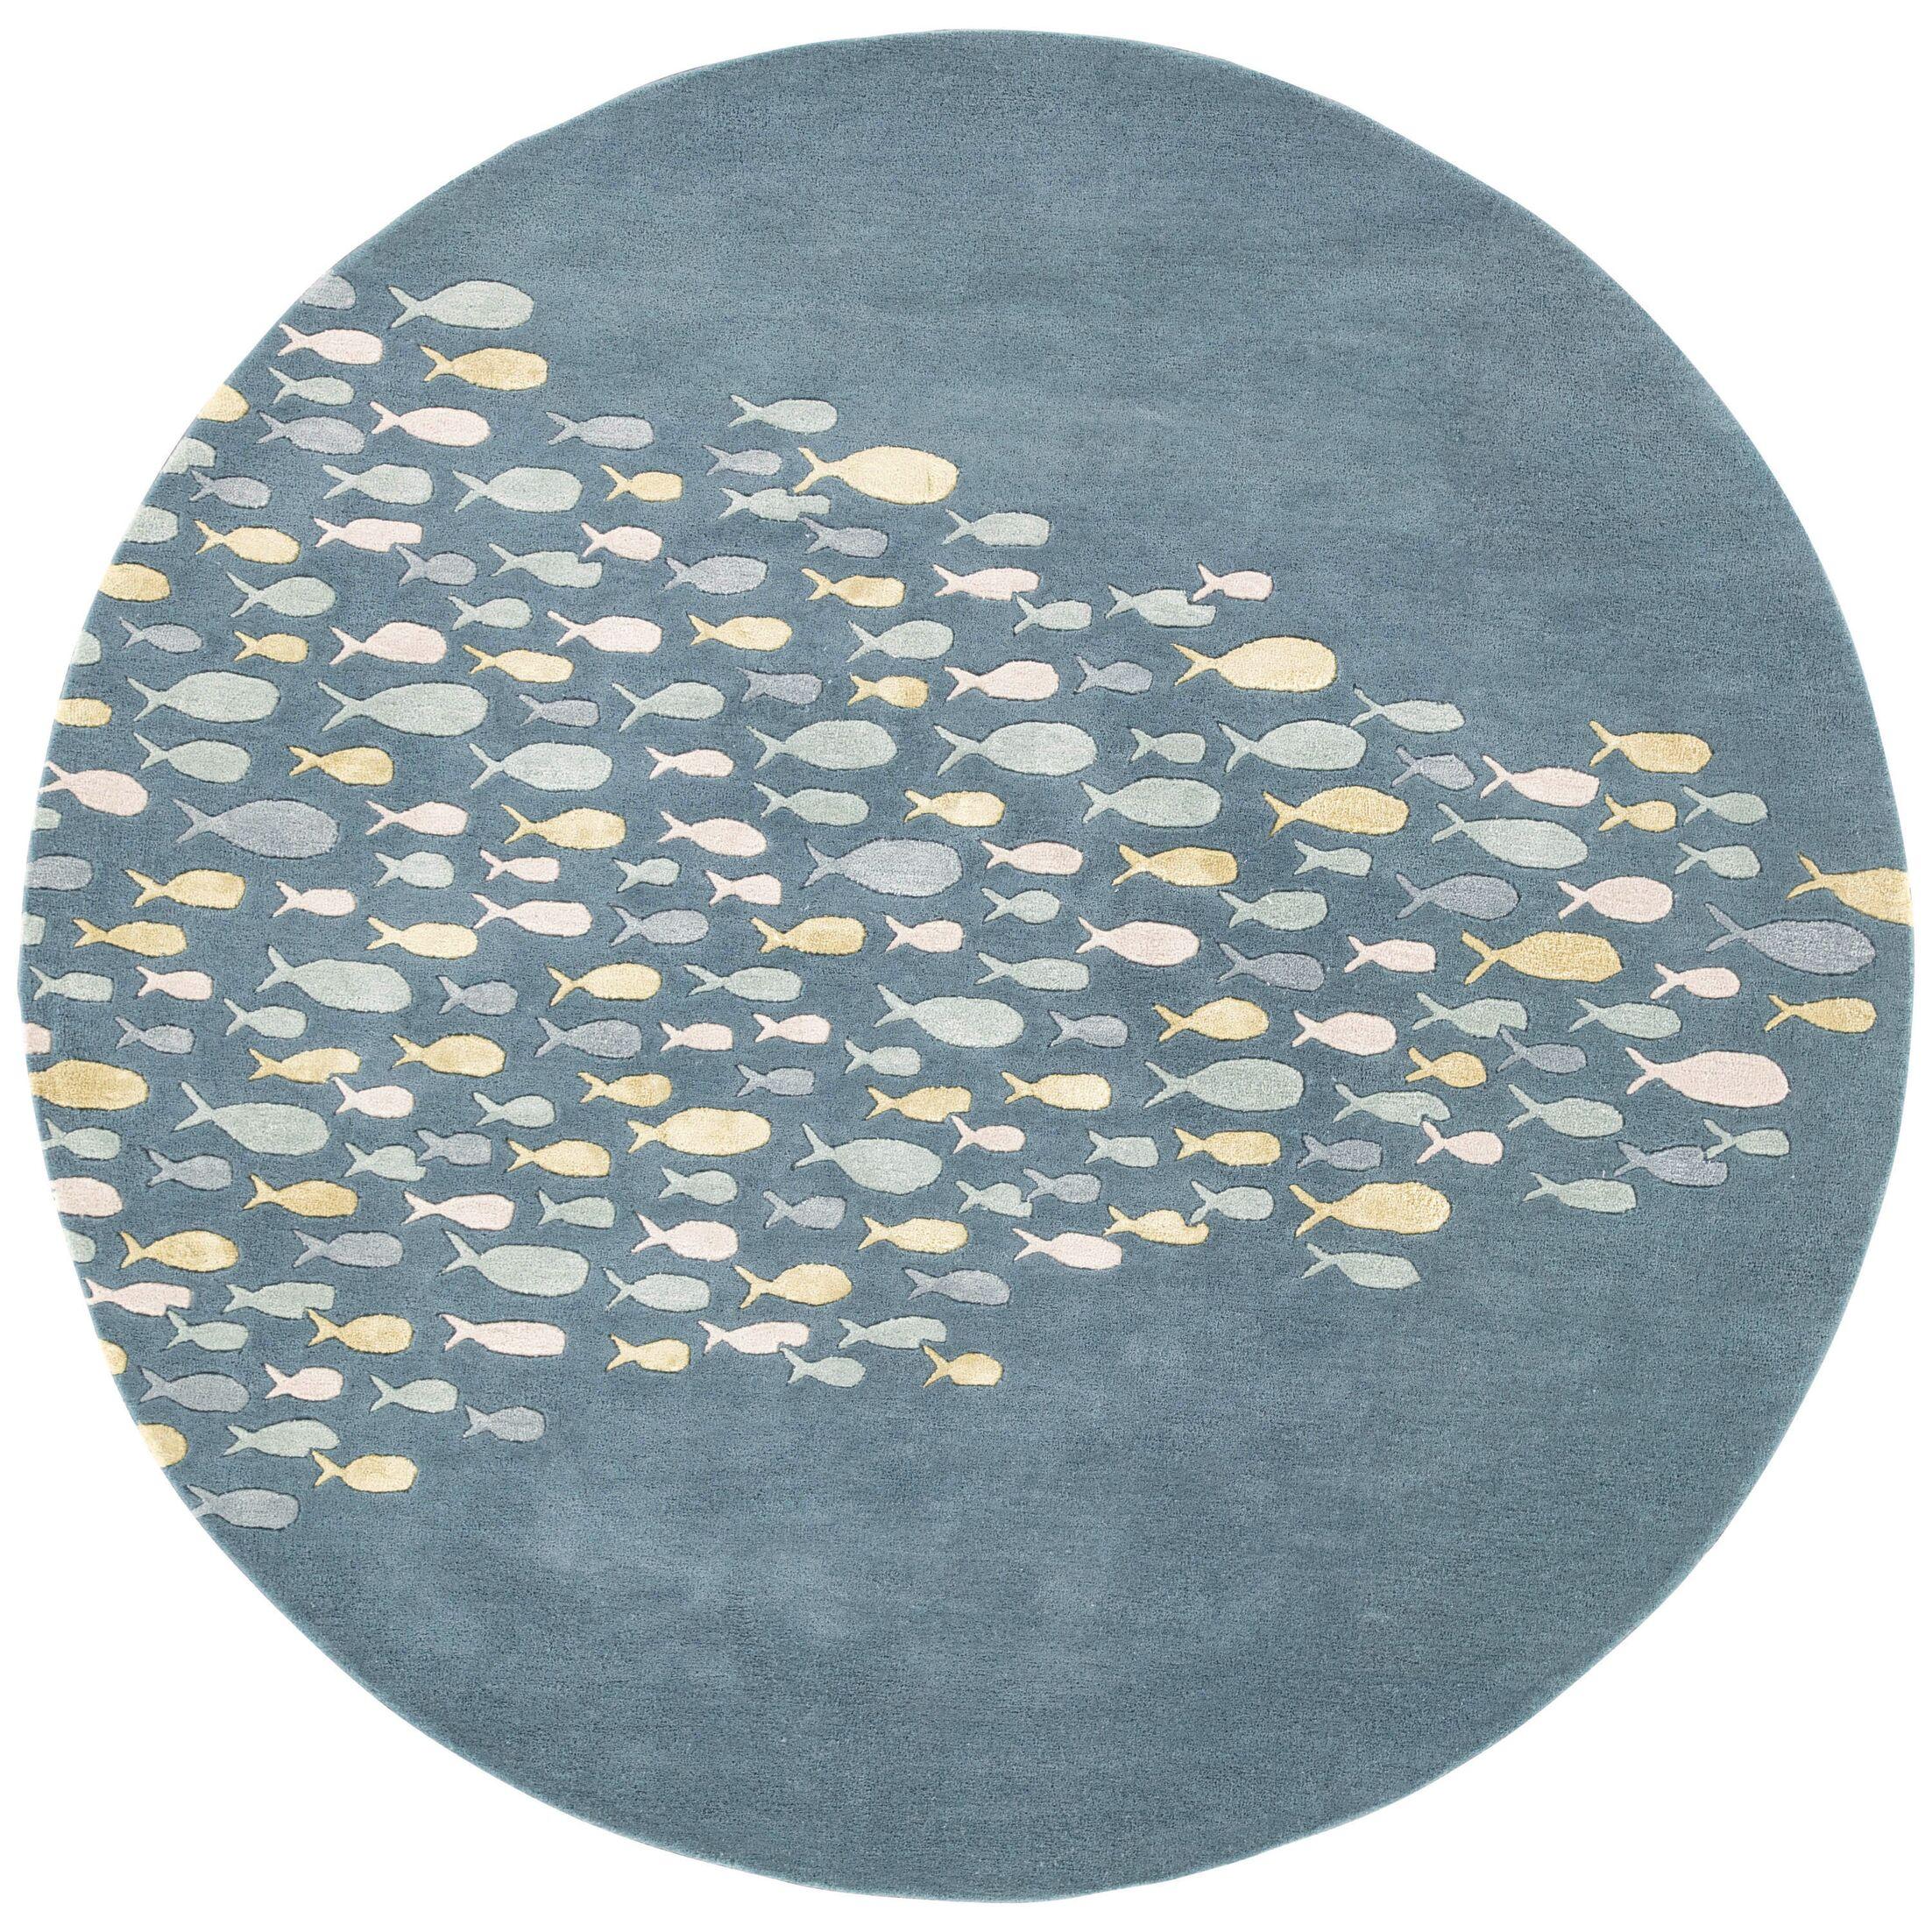 Nottingham Blue/Harbor Gray Area Rug Rug Size: Round 8' x 8'